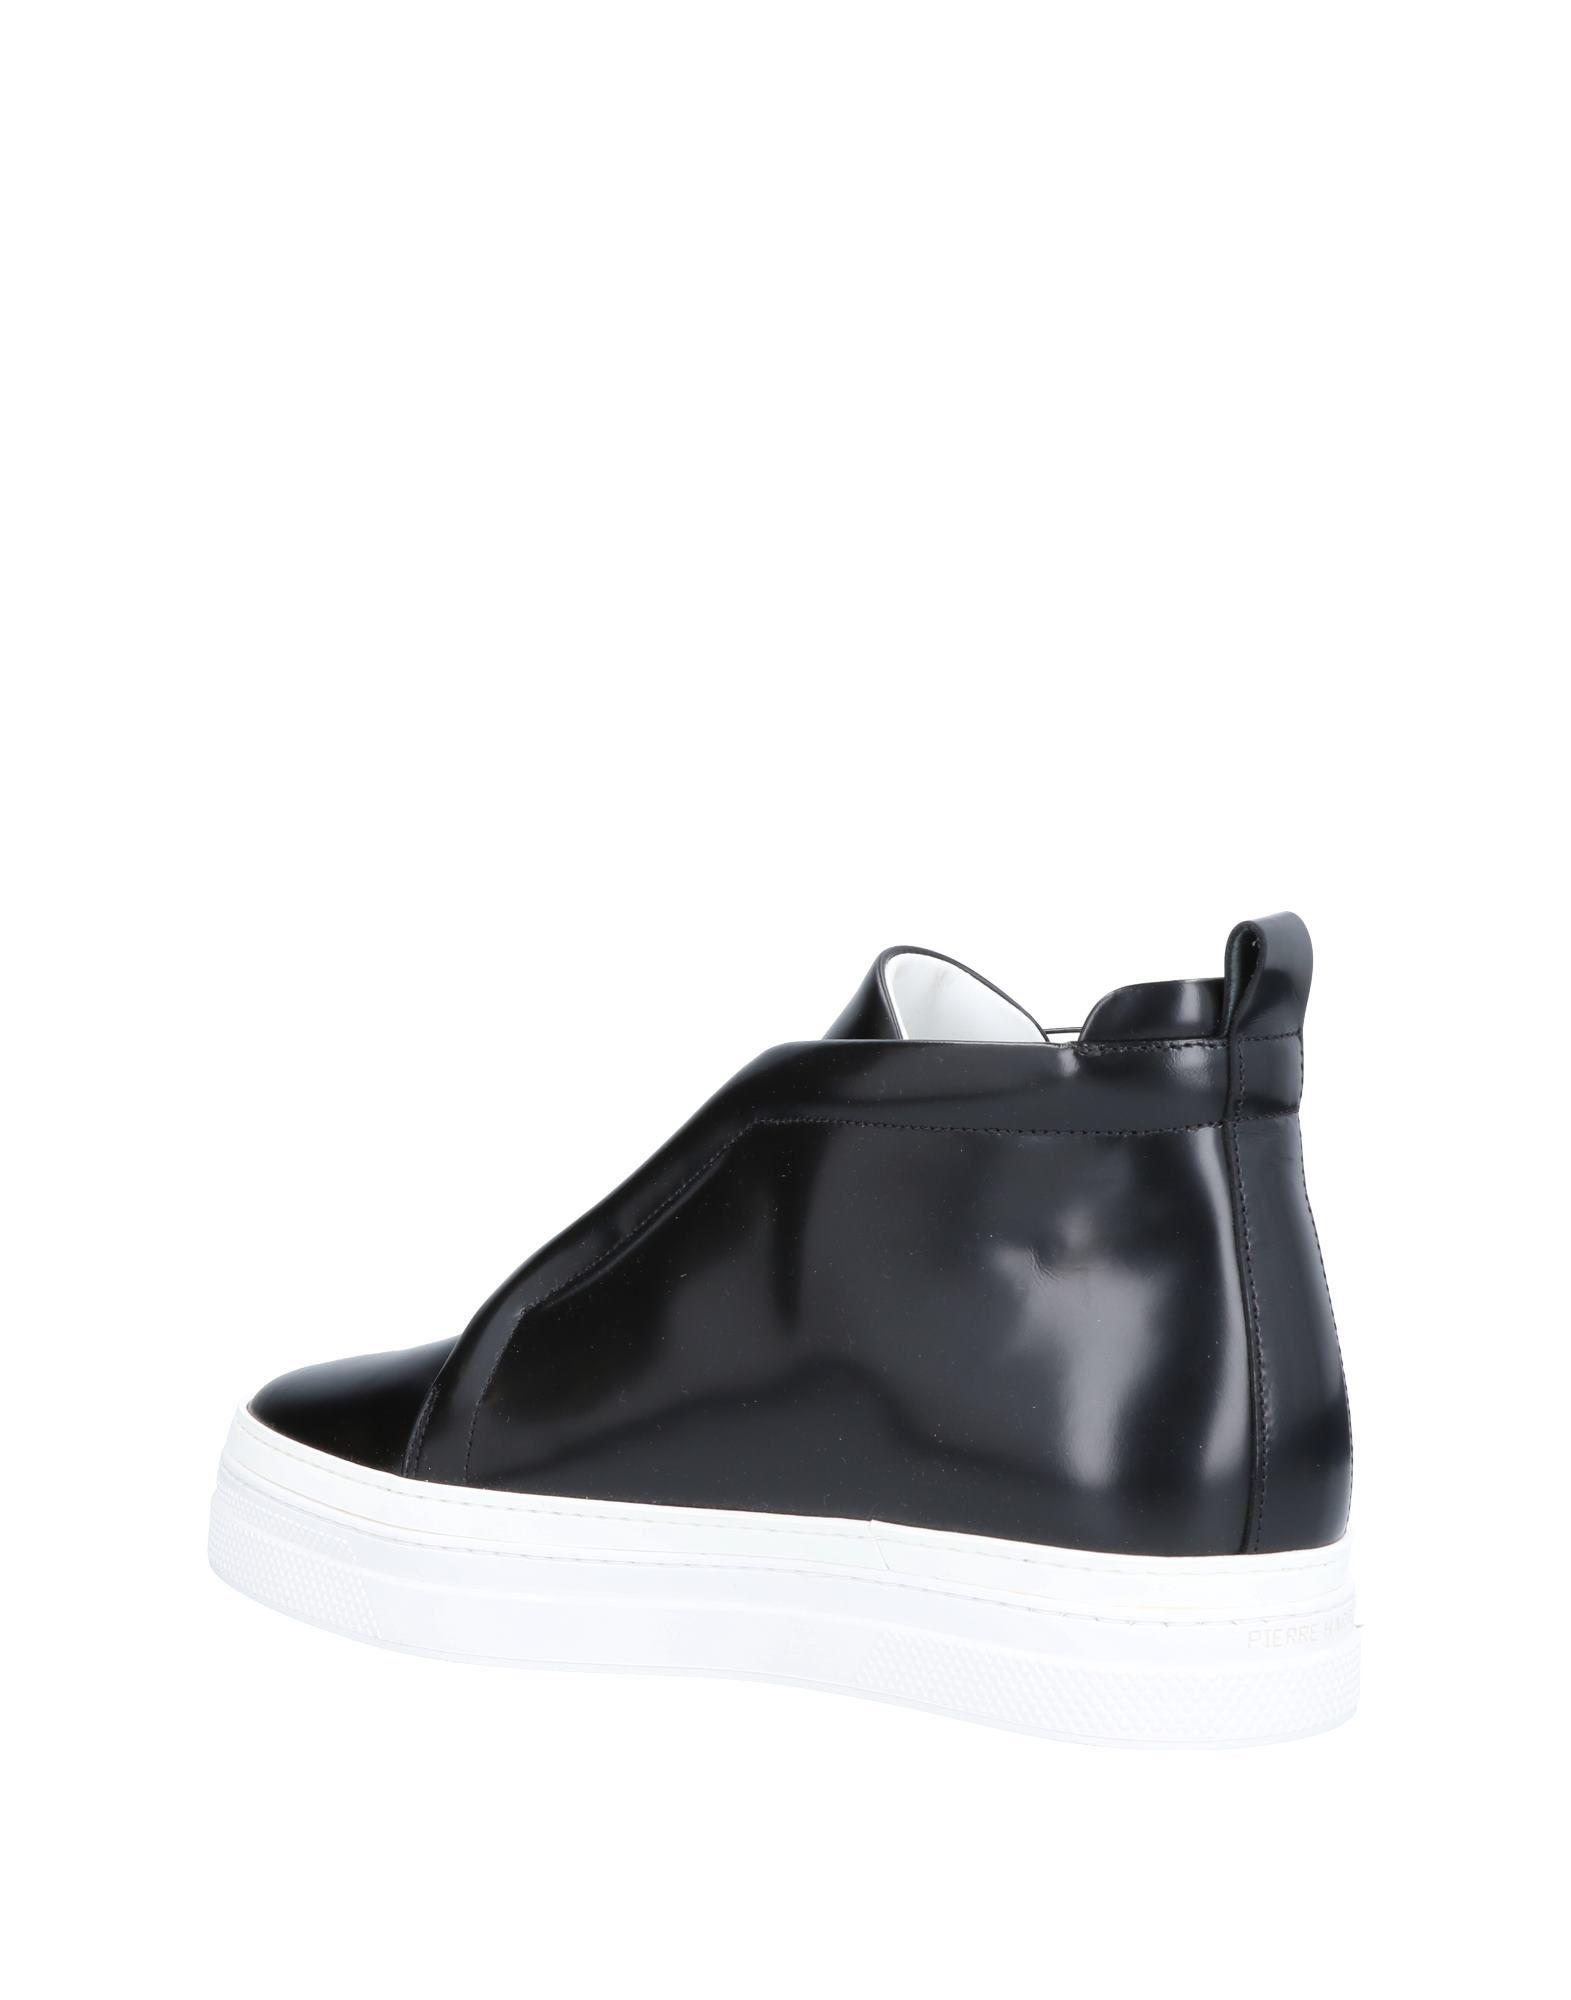 Pierre Hardy Gute Sneakers Herren  11493700VJ Gute Hardy Qualität beliebte Schuhe fe5eae